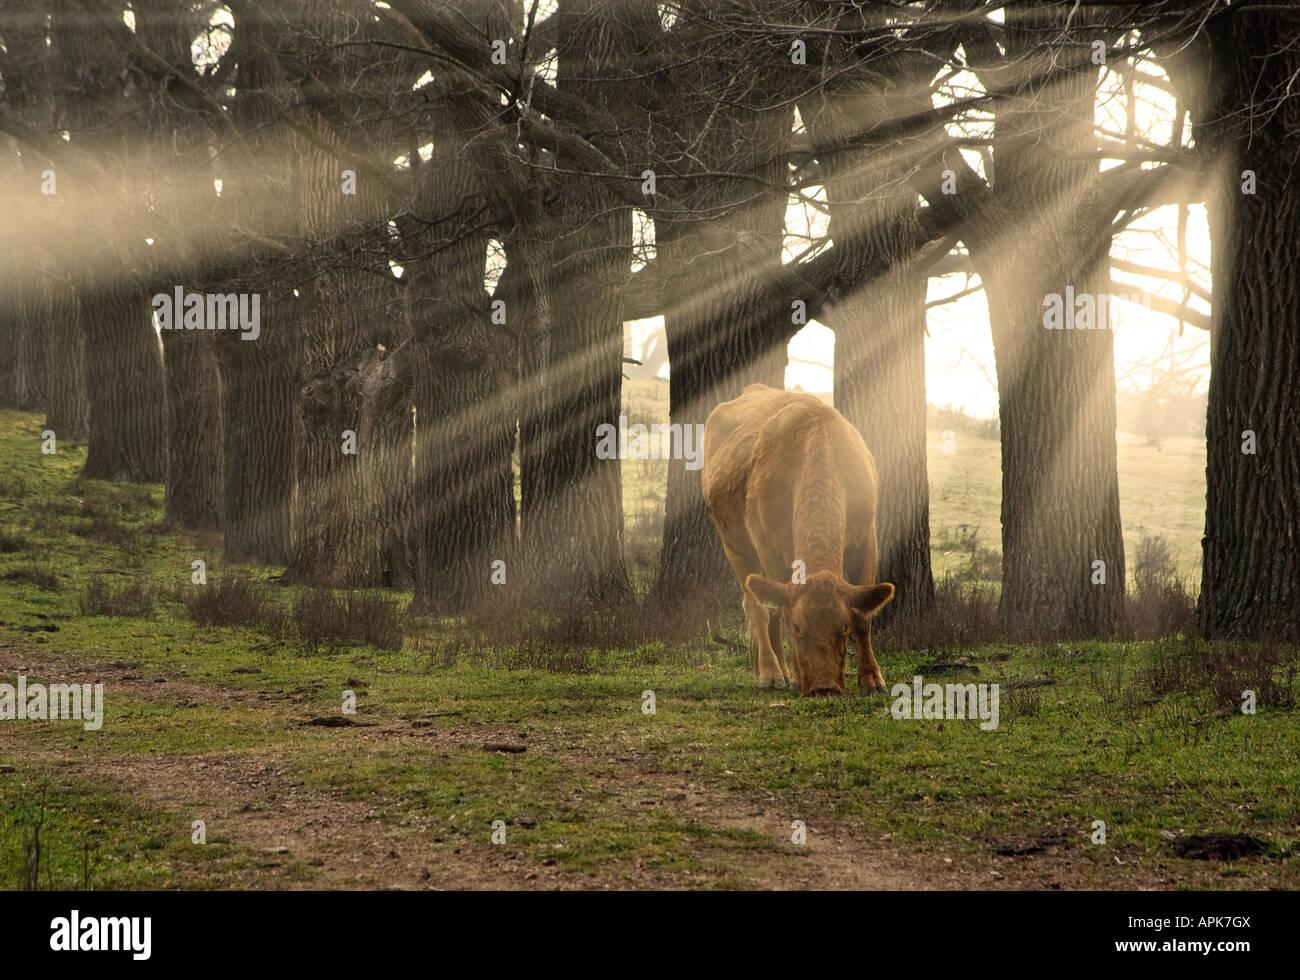 eine Kuh frisst Grass am Morgen mit Sonnenstrahlen kommen durch die Bäume Stockbild